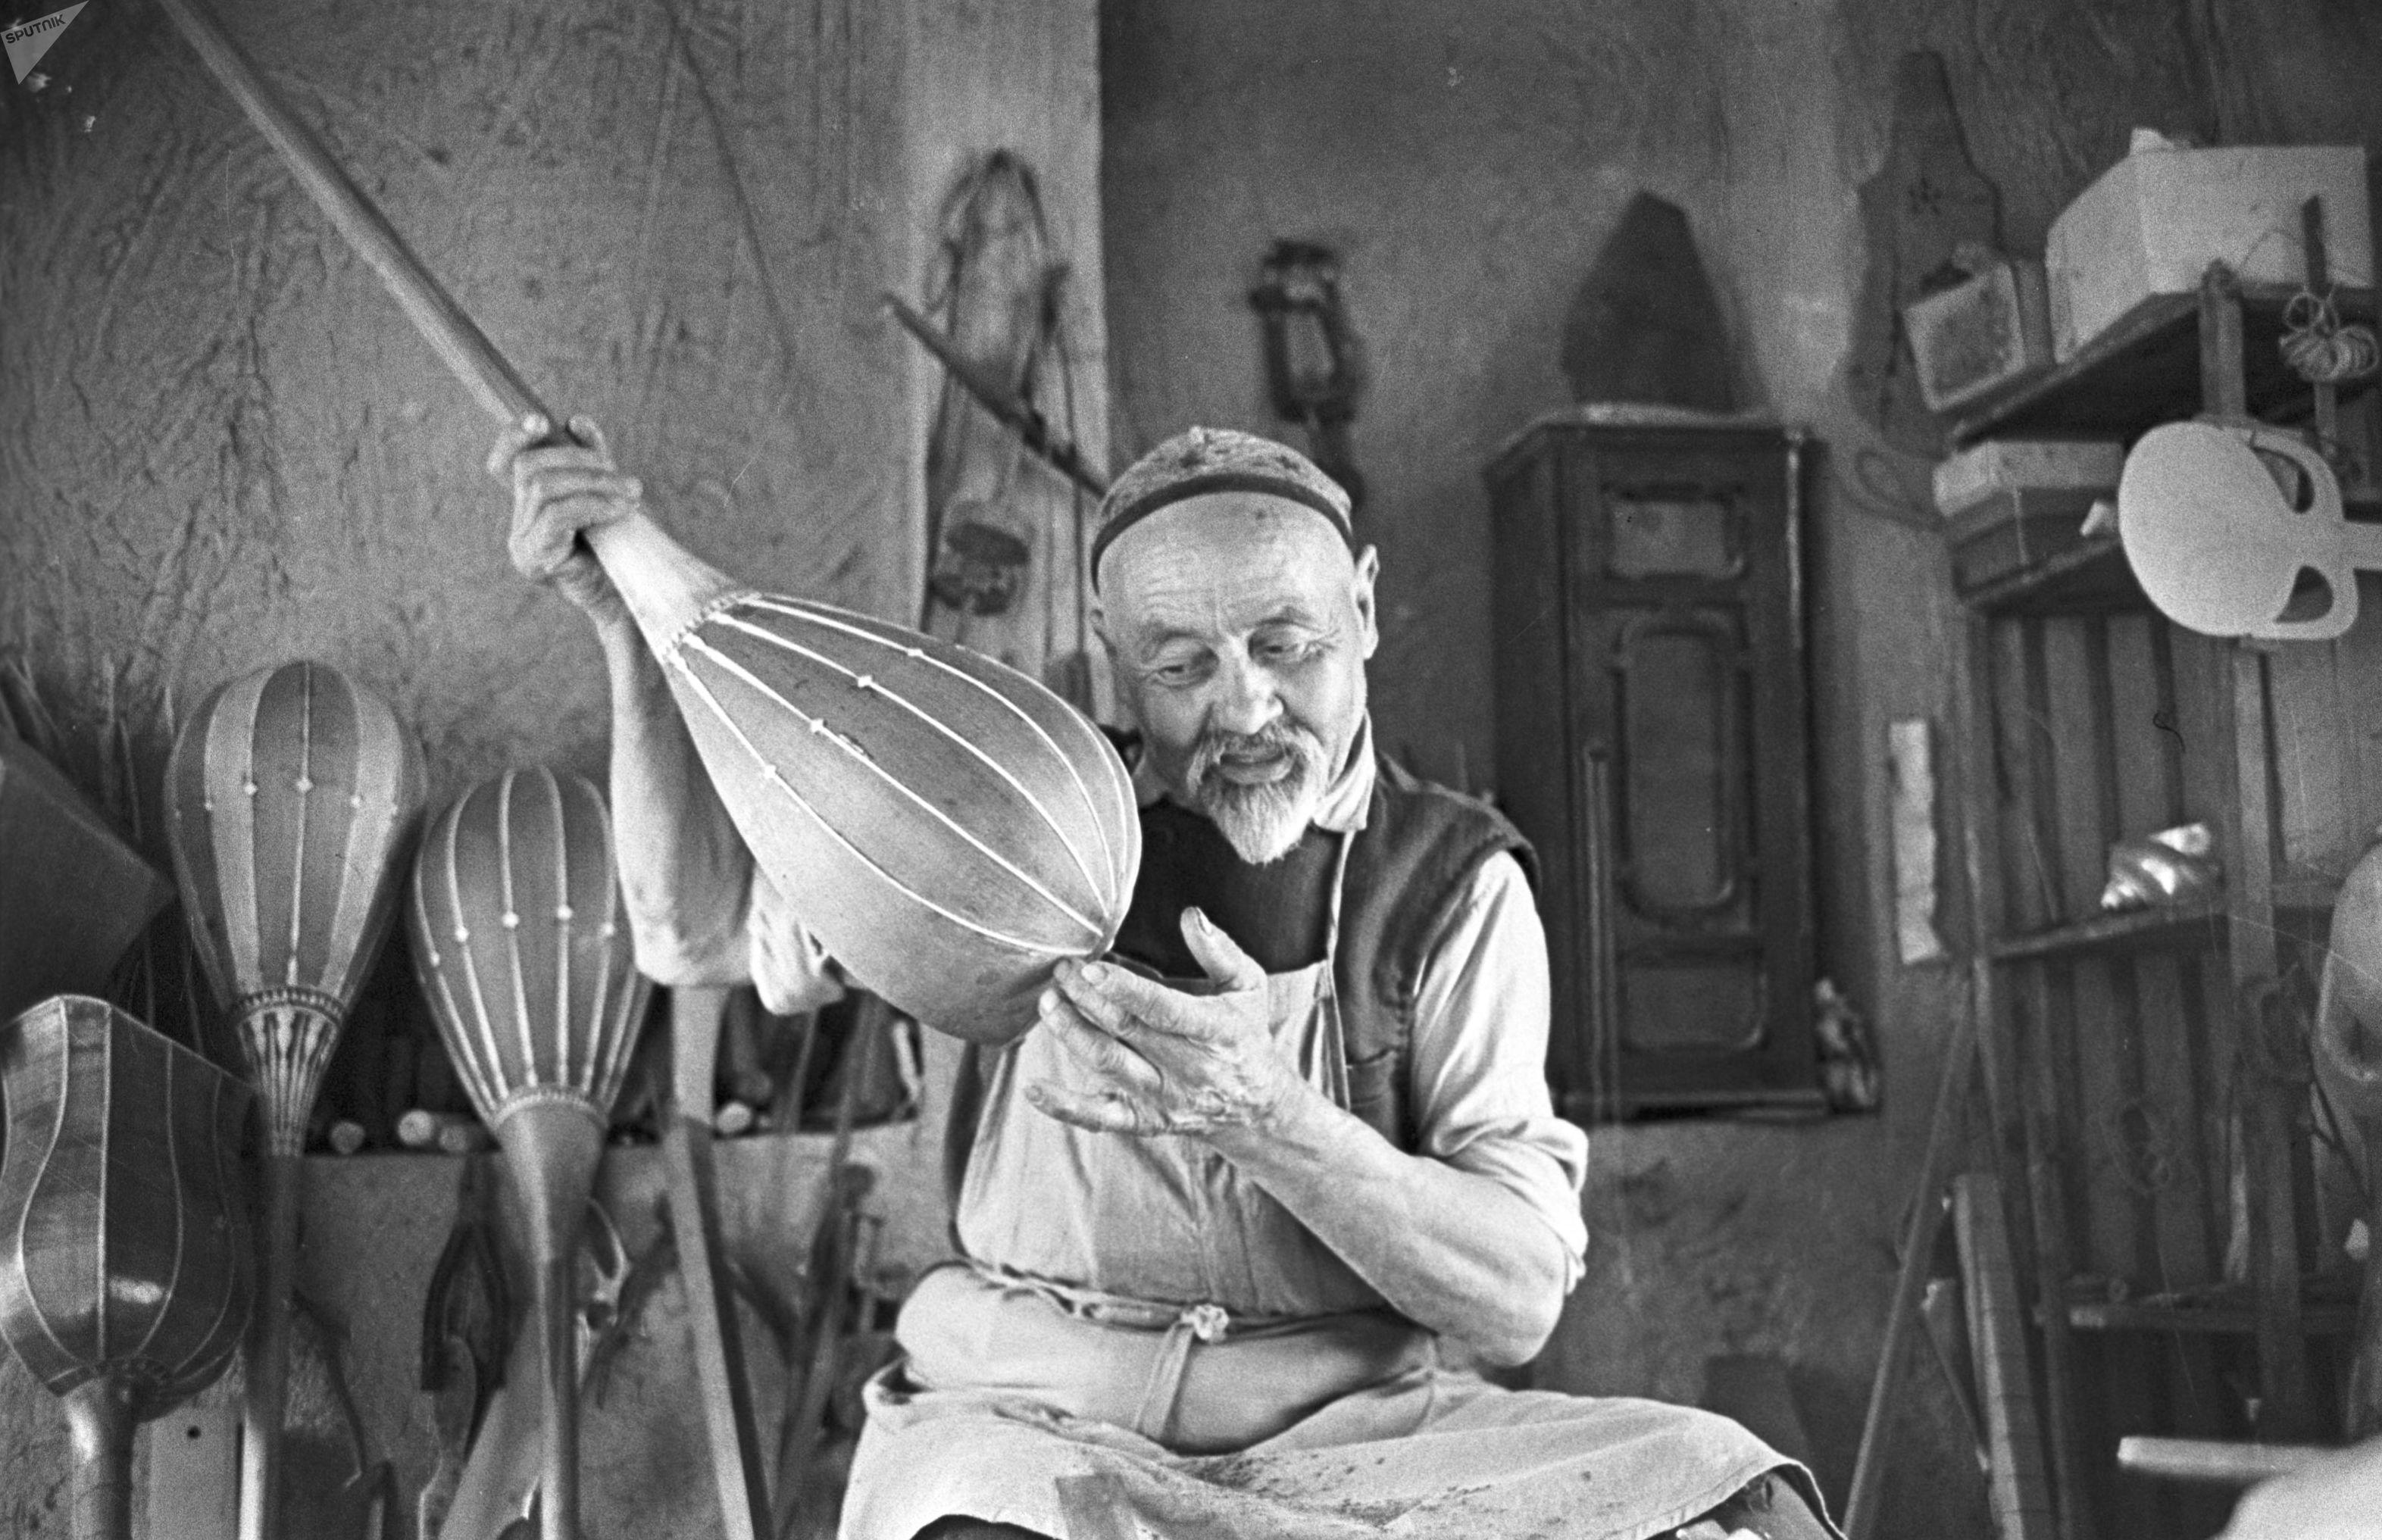 Un artesano de dotares